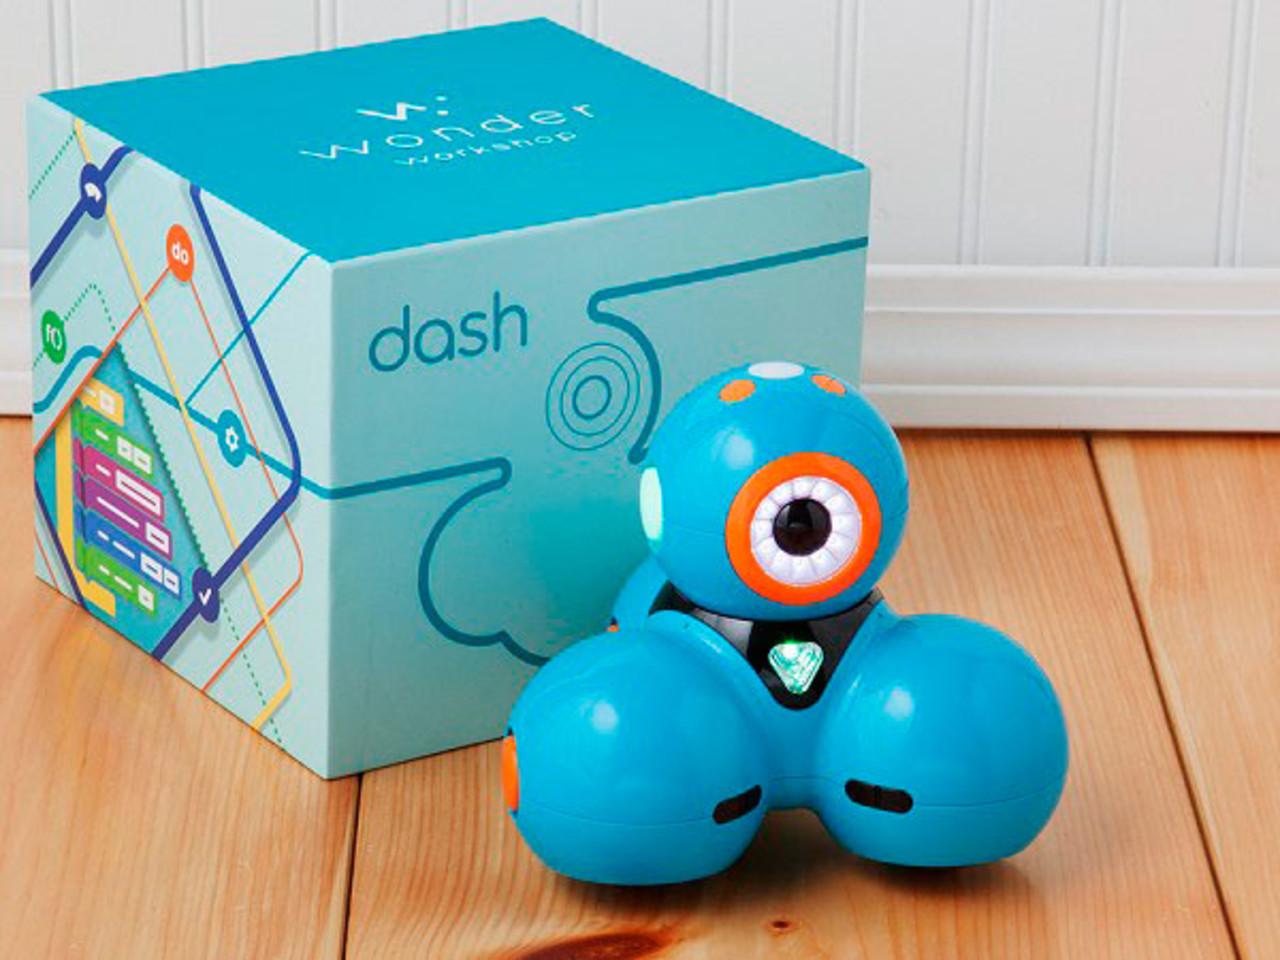 dash toy